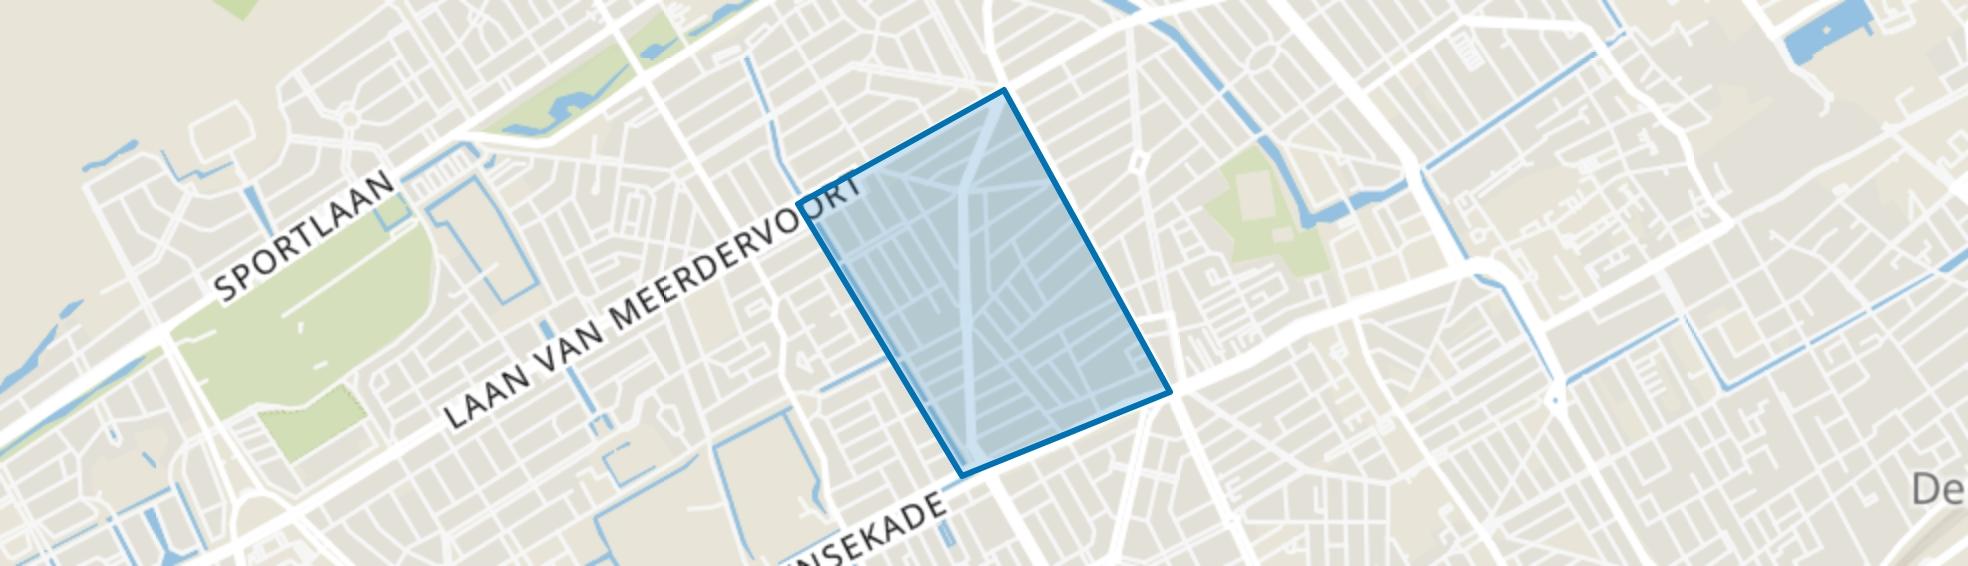 Valkenboskwartier, Den Haag map